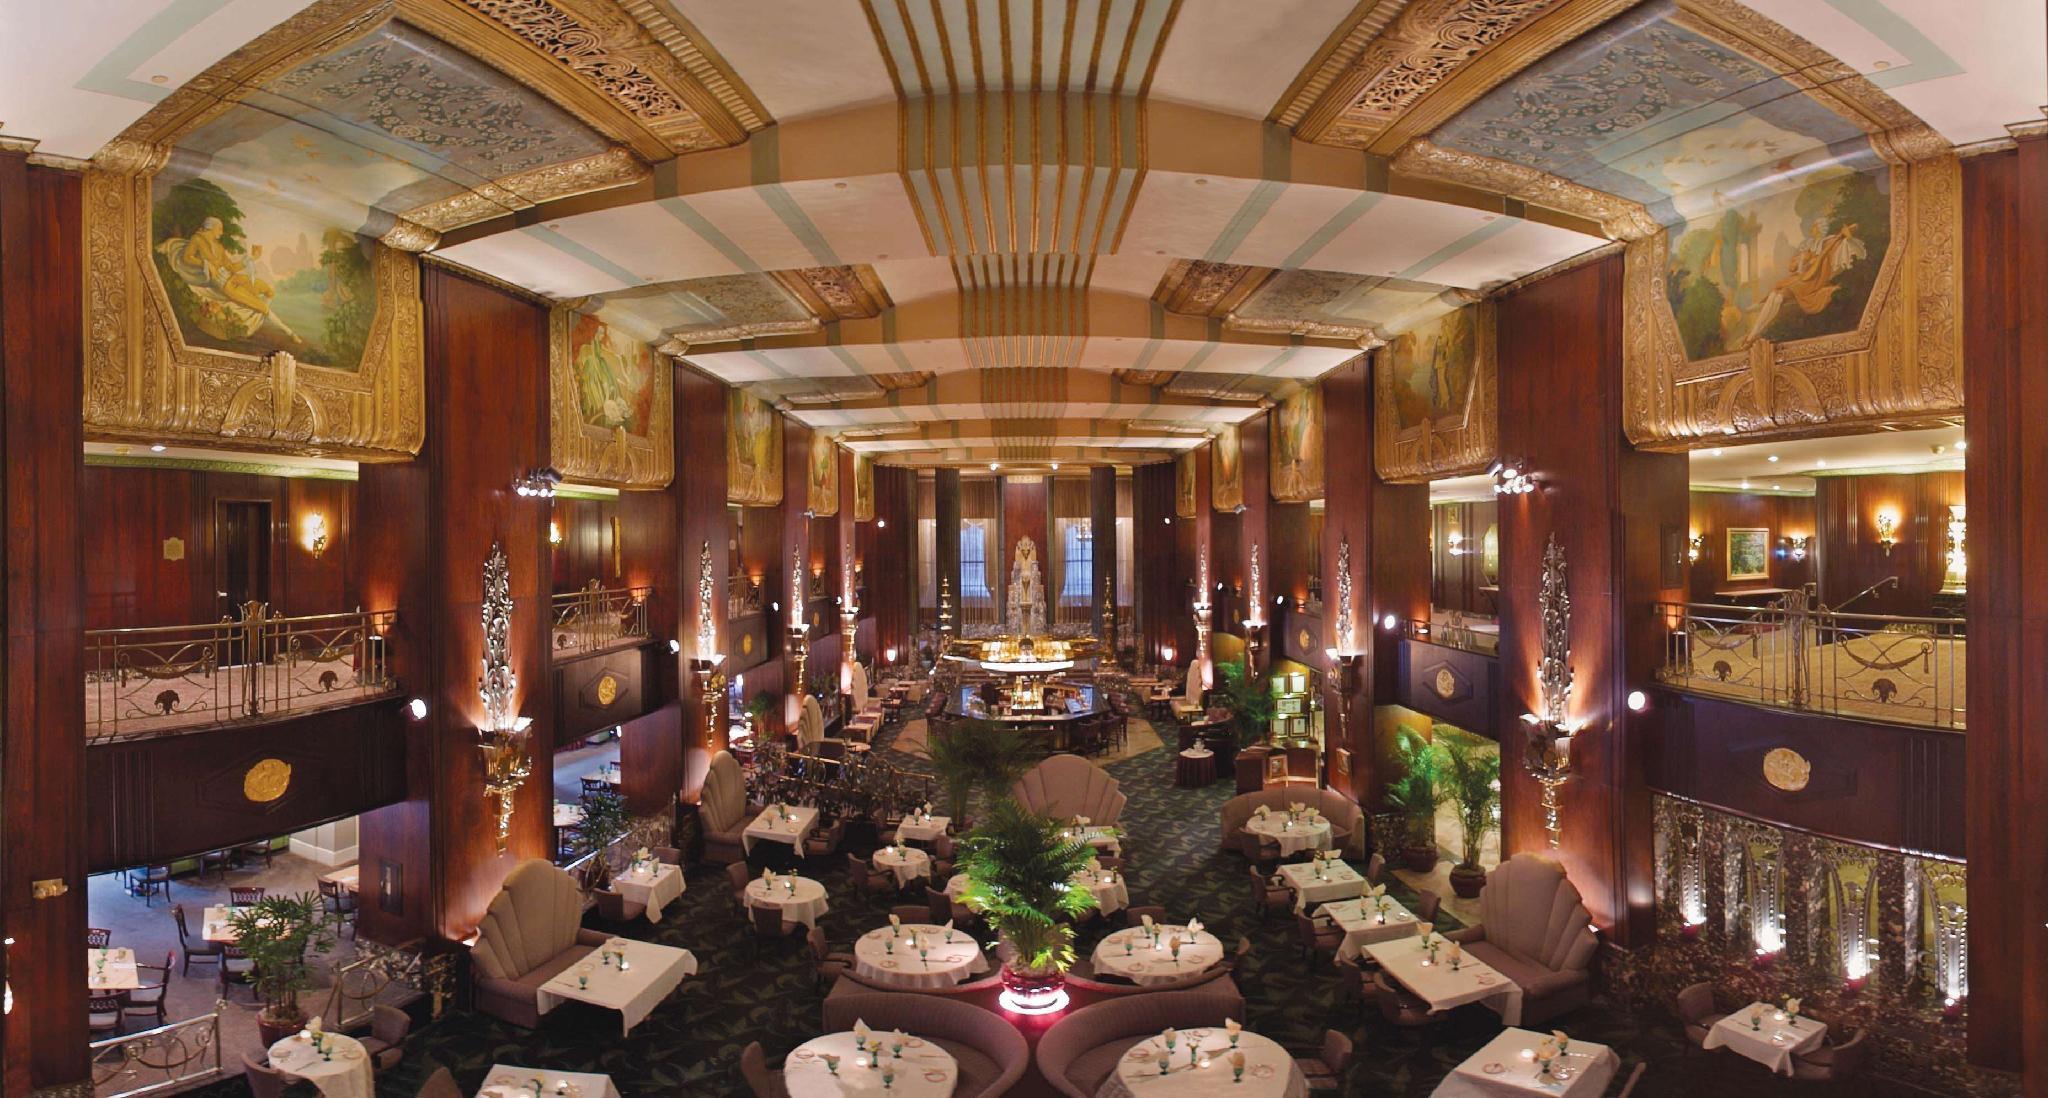 Hilton Netherland Plaza Hotel